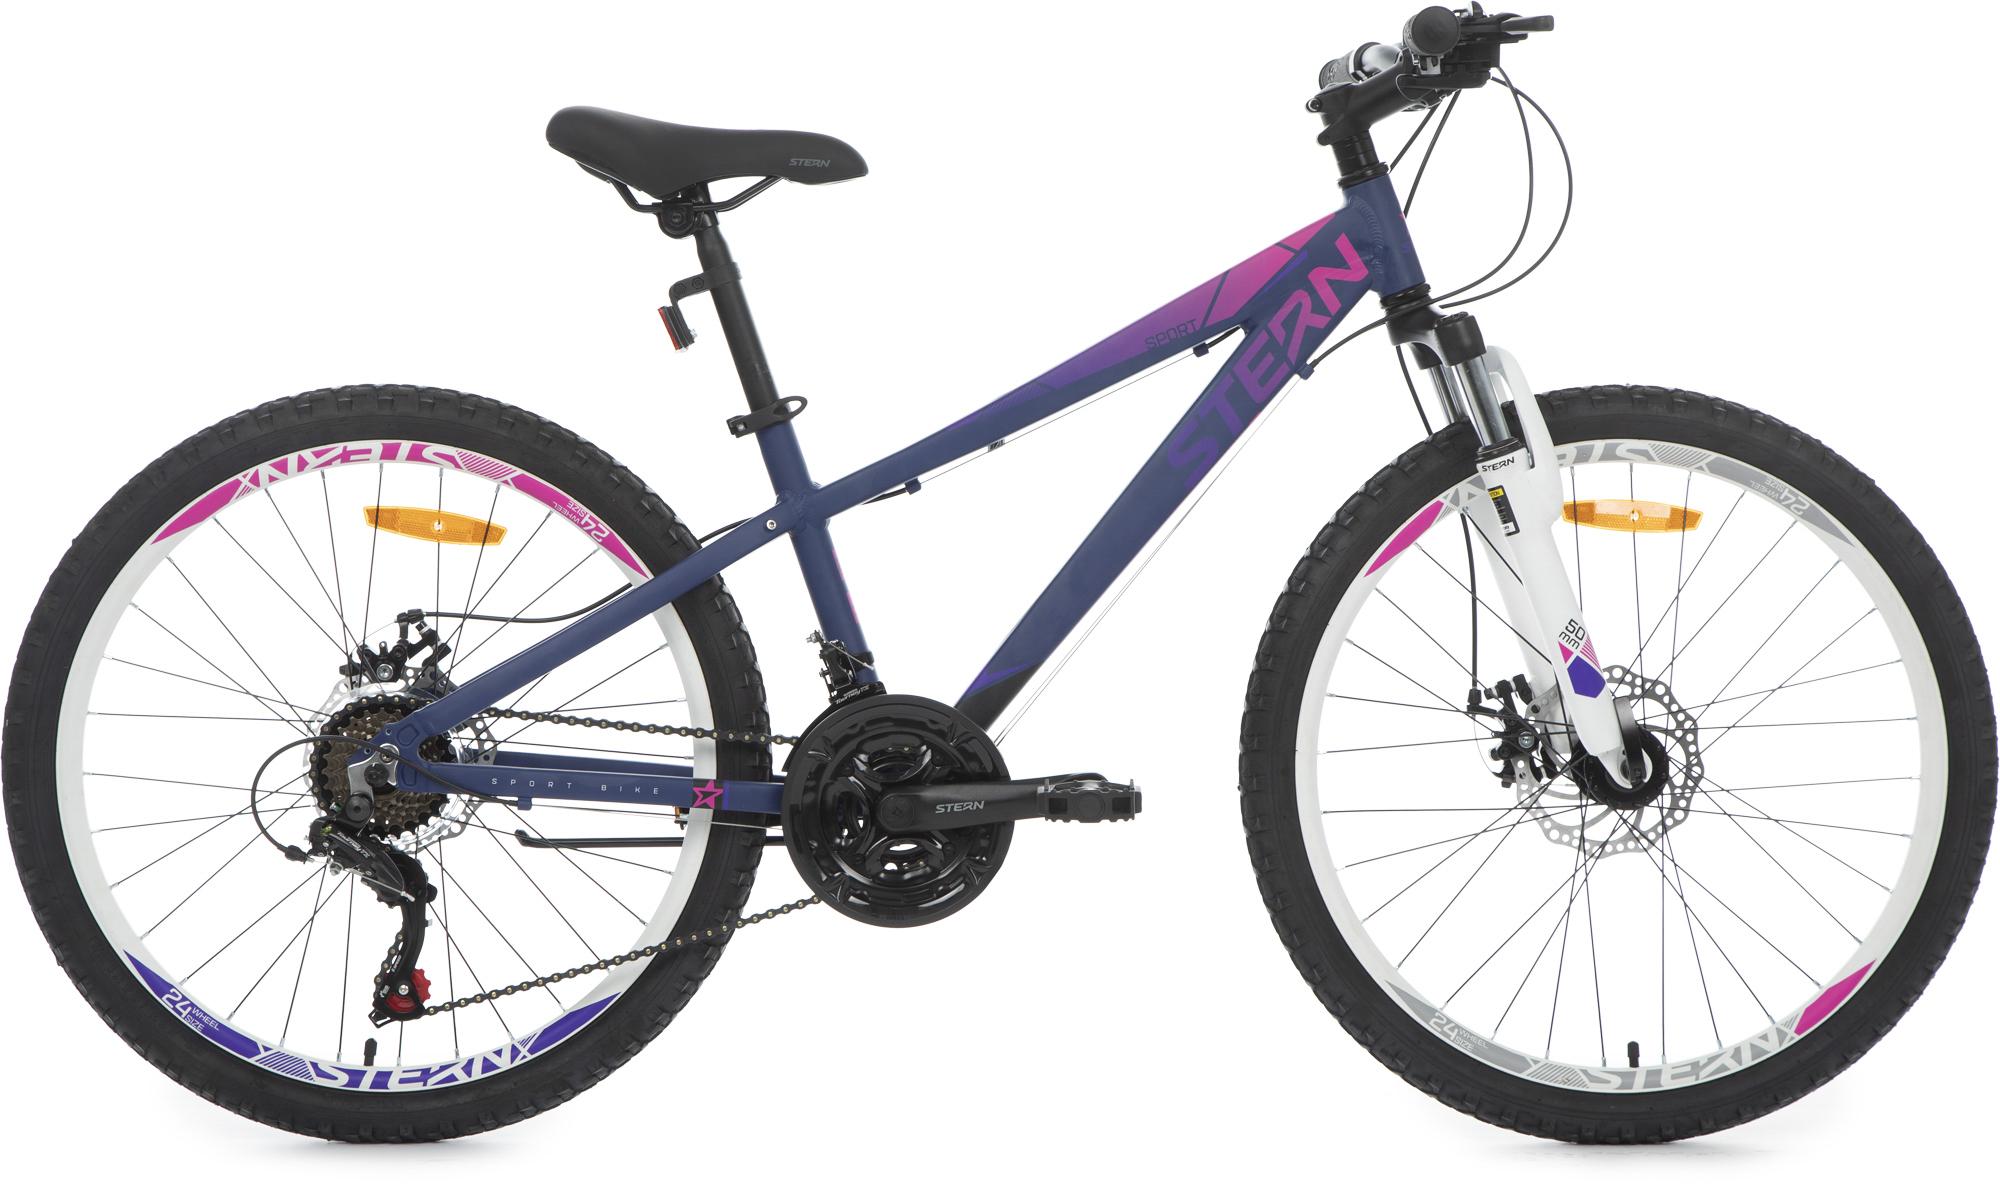 Stern Велосипед подростковый женский Stern Leeloo Sport 24 цена